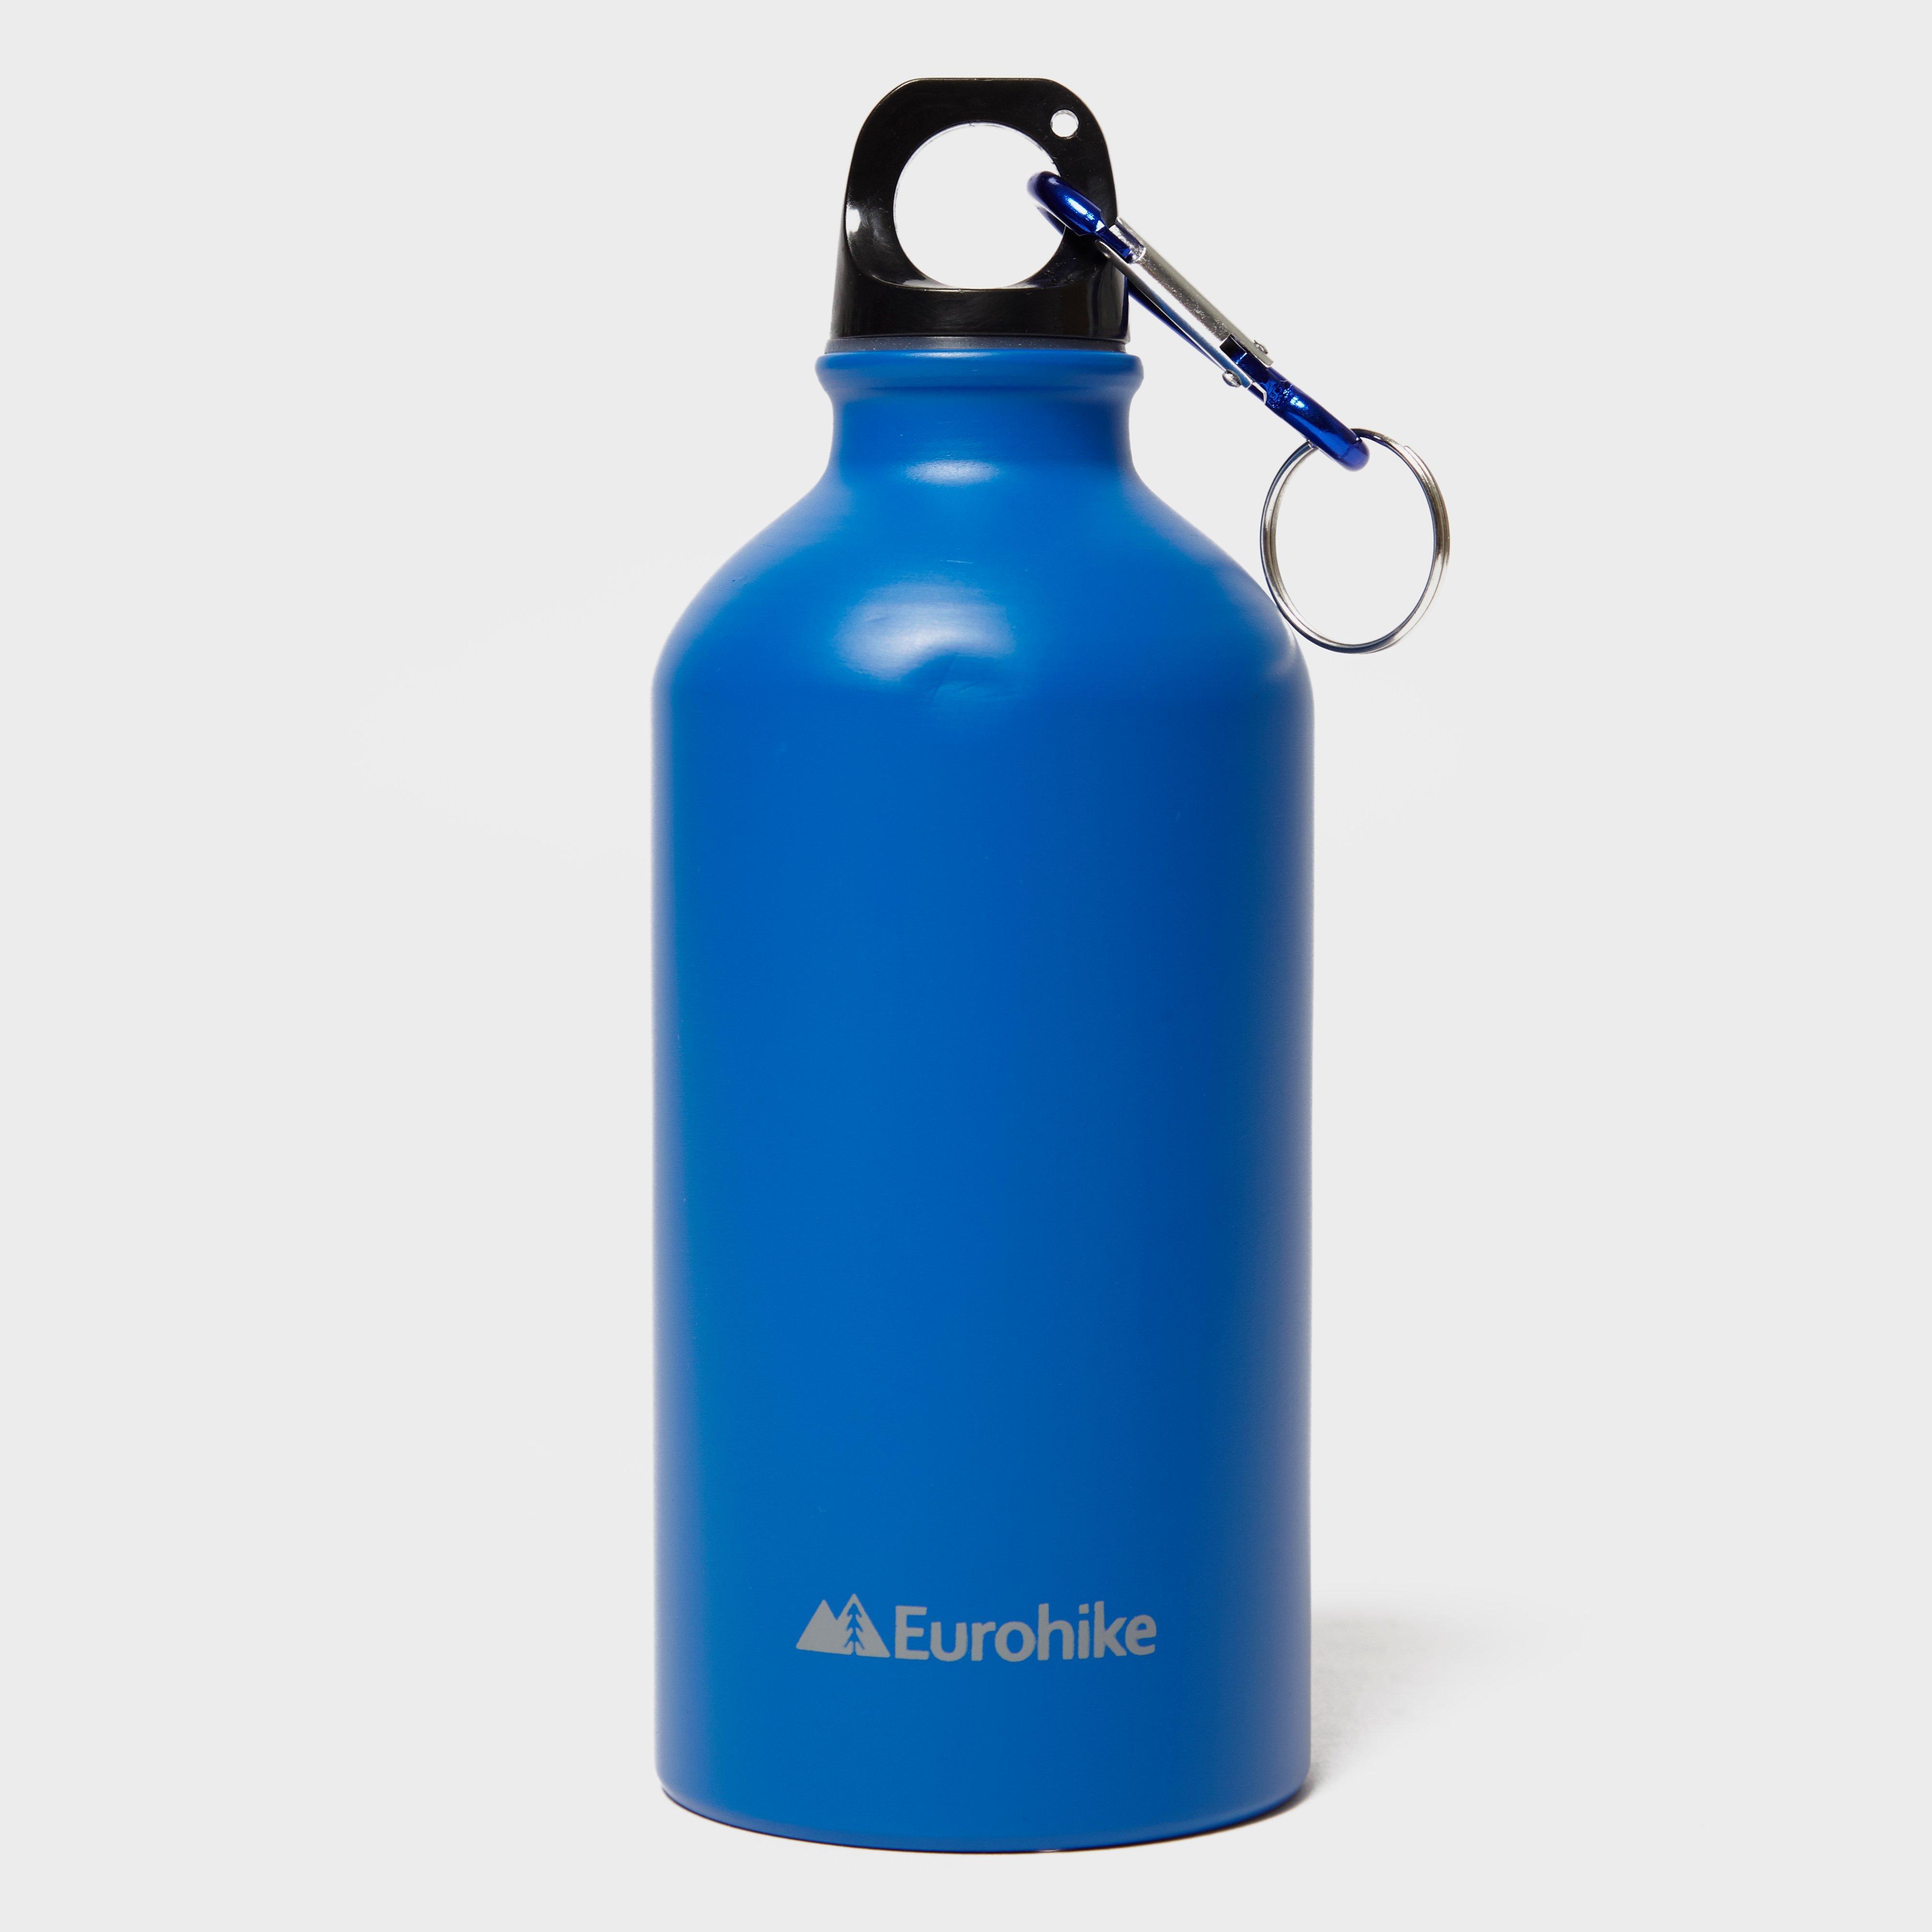 Eurohike Aqua 0.5l Aluminium Bottle - Blue/blu  Blue/blu